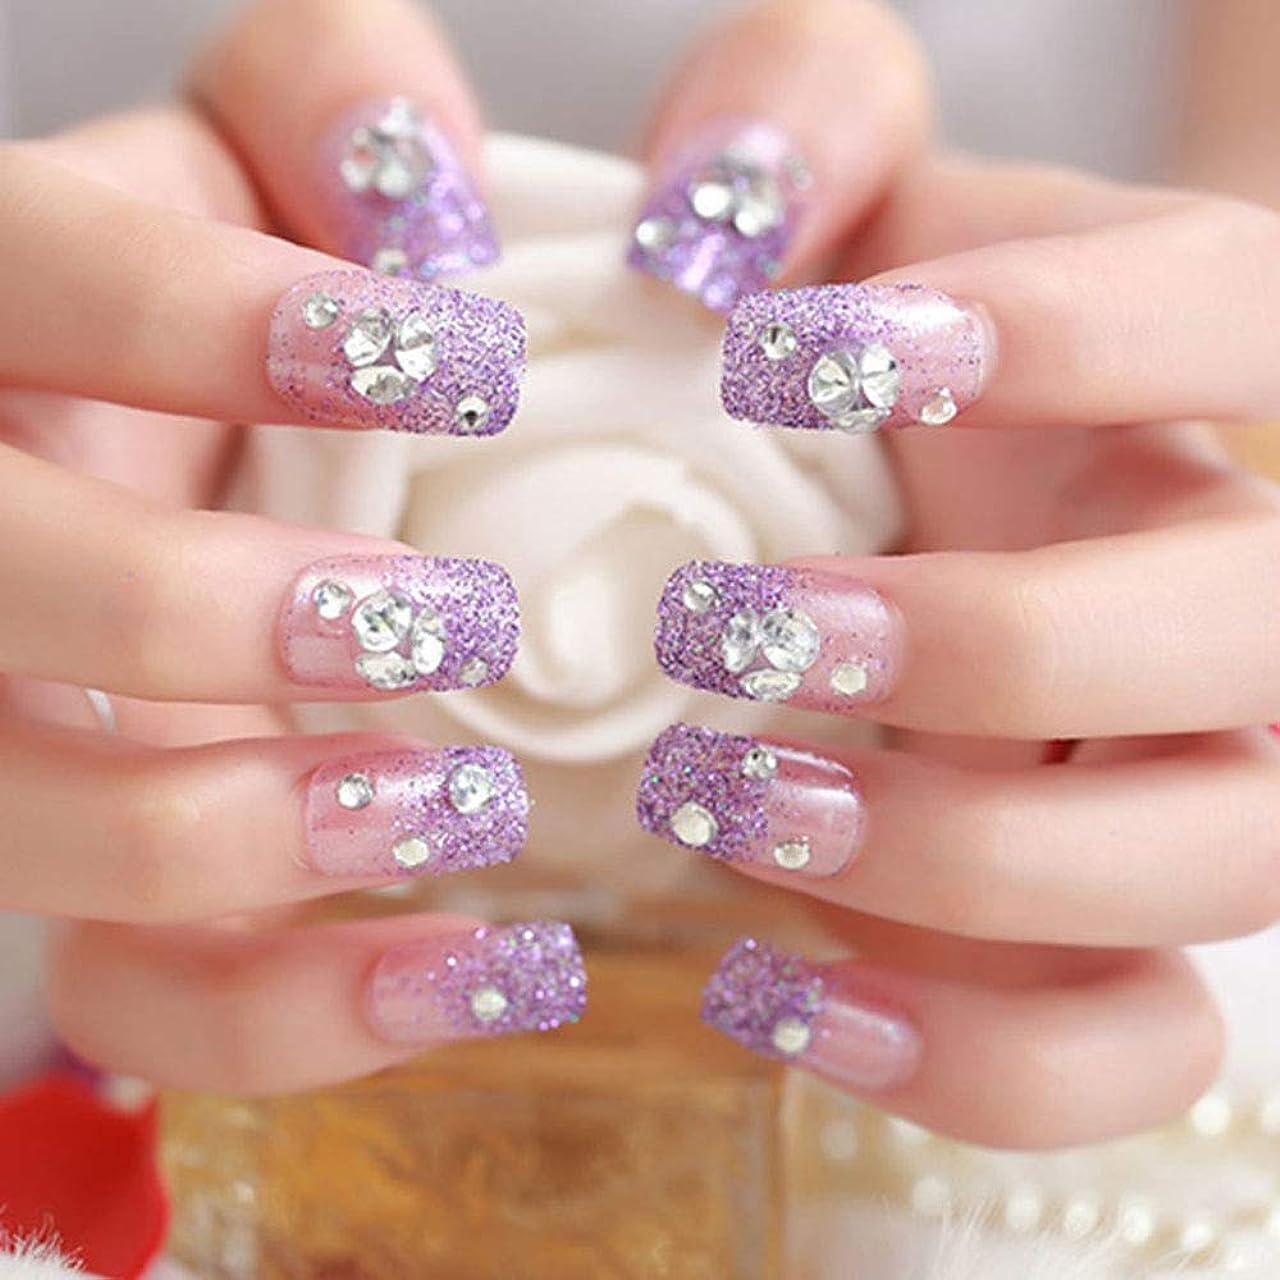 お客様不幸軍団XUTXZKA キラキラ人工爪紫色の輝くラインストーン結婚式の花嫁のネイルアートフェイクネイル